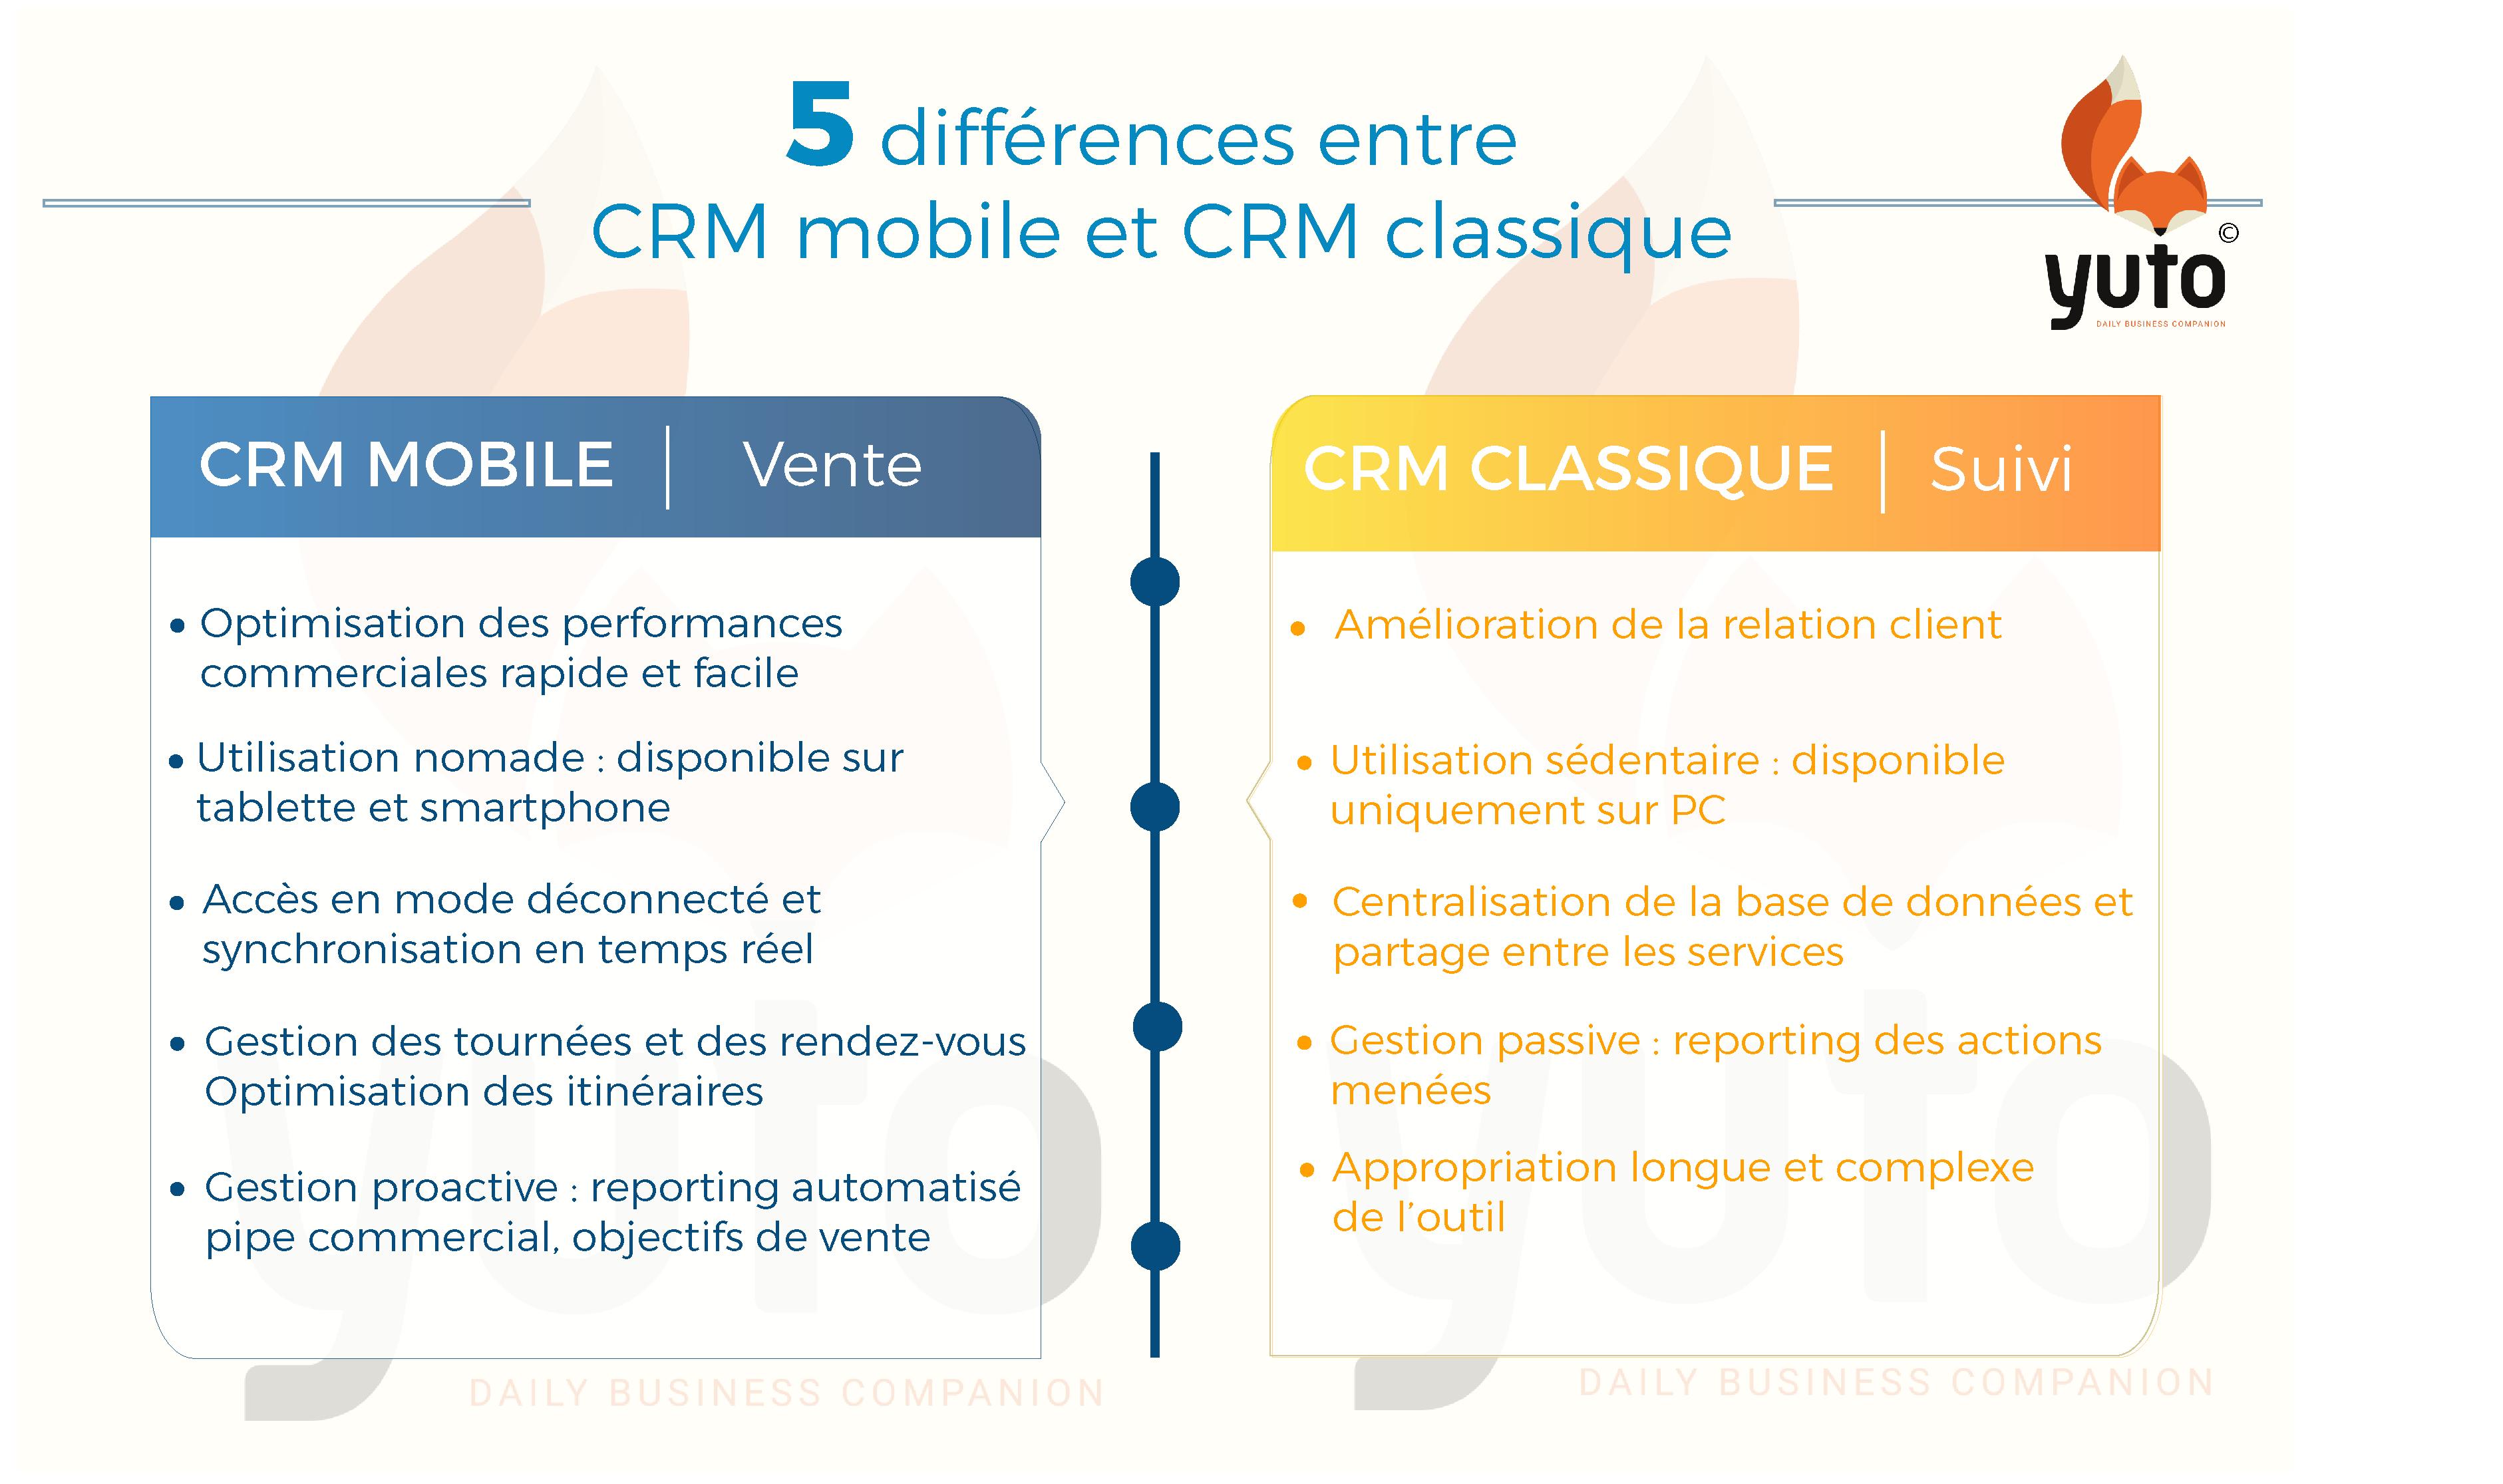 5 différences entre crm mobile et crm classique